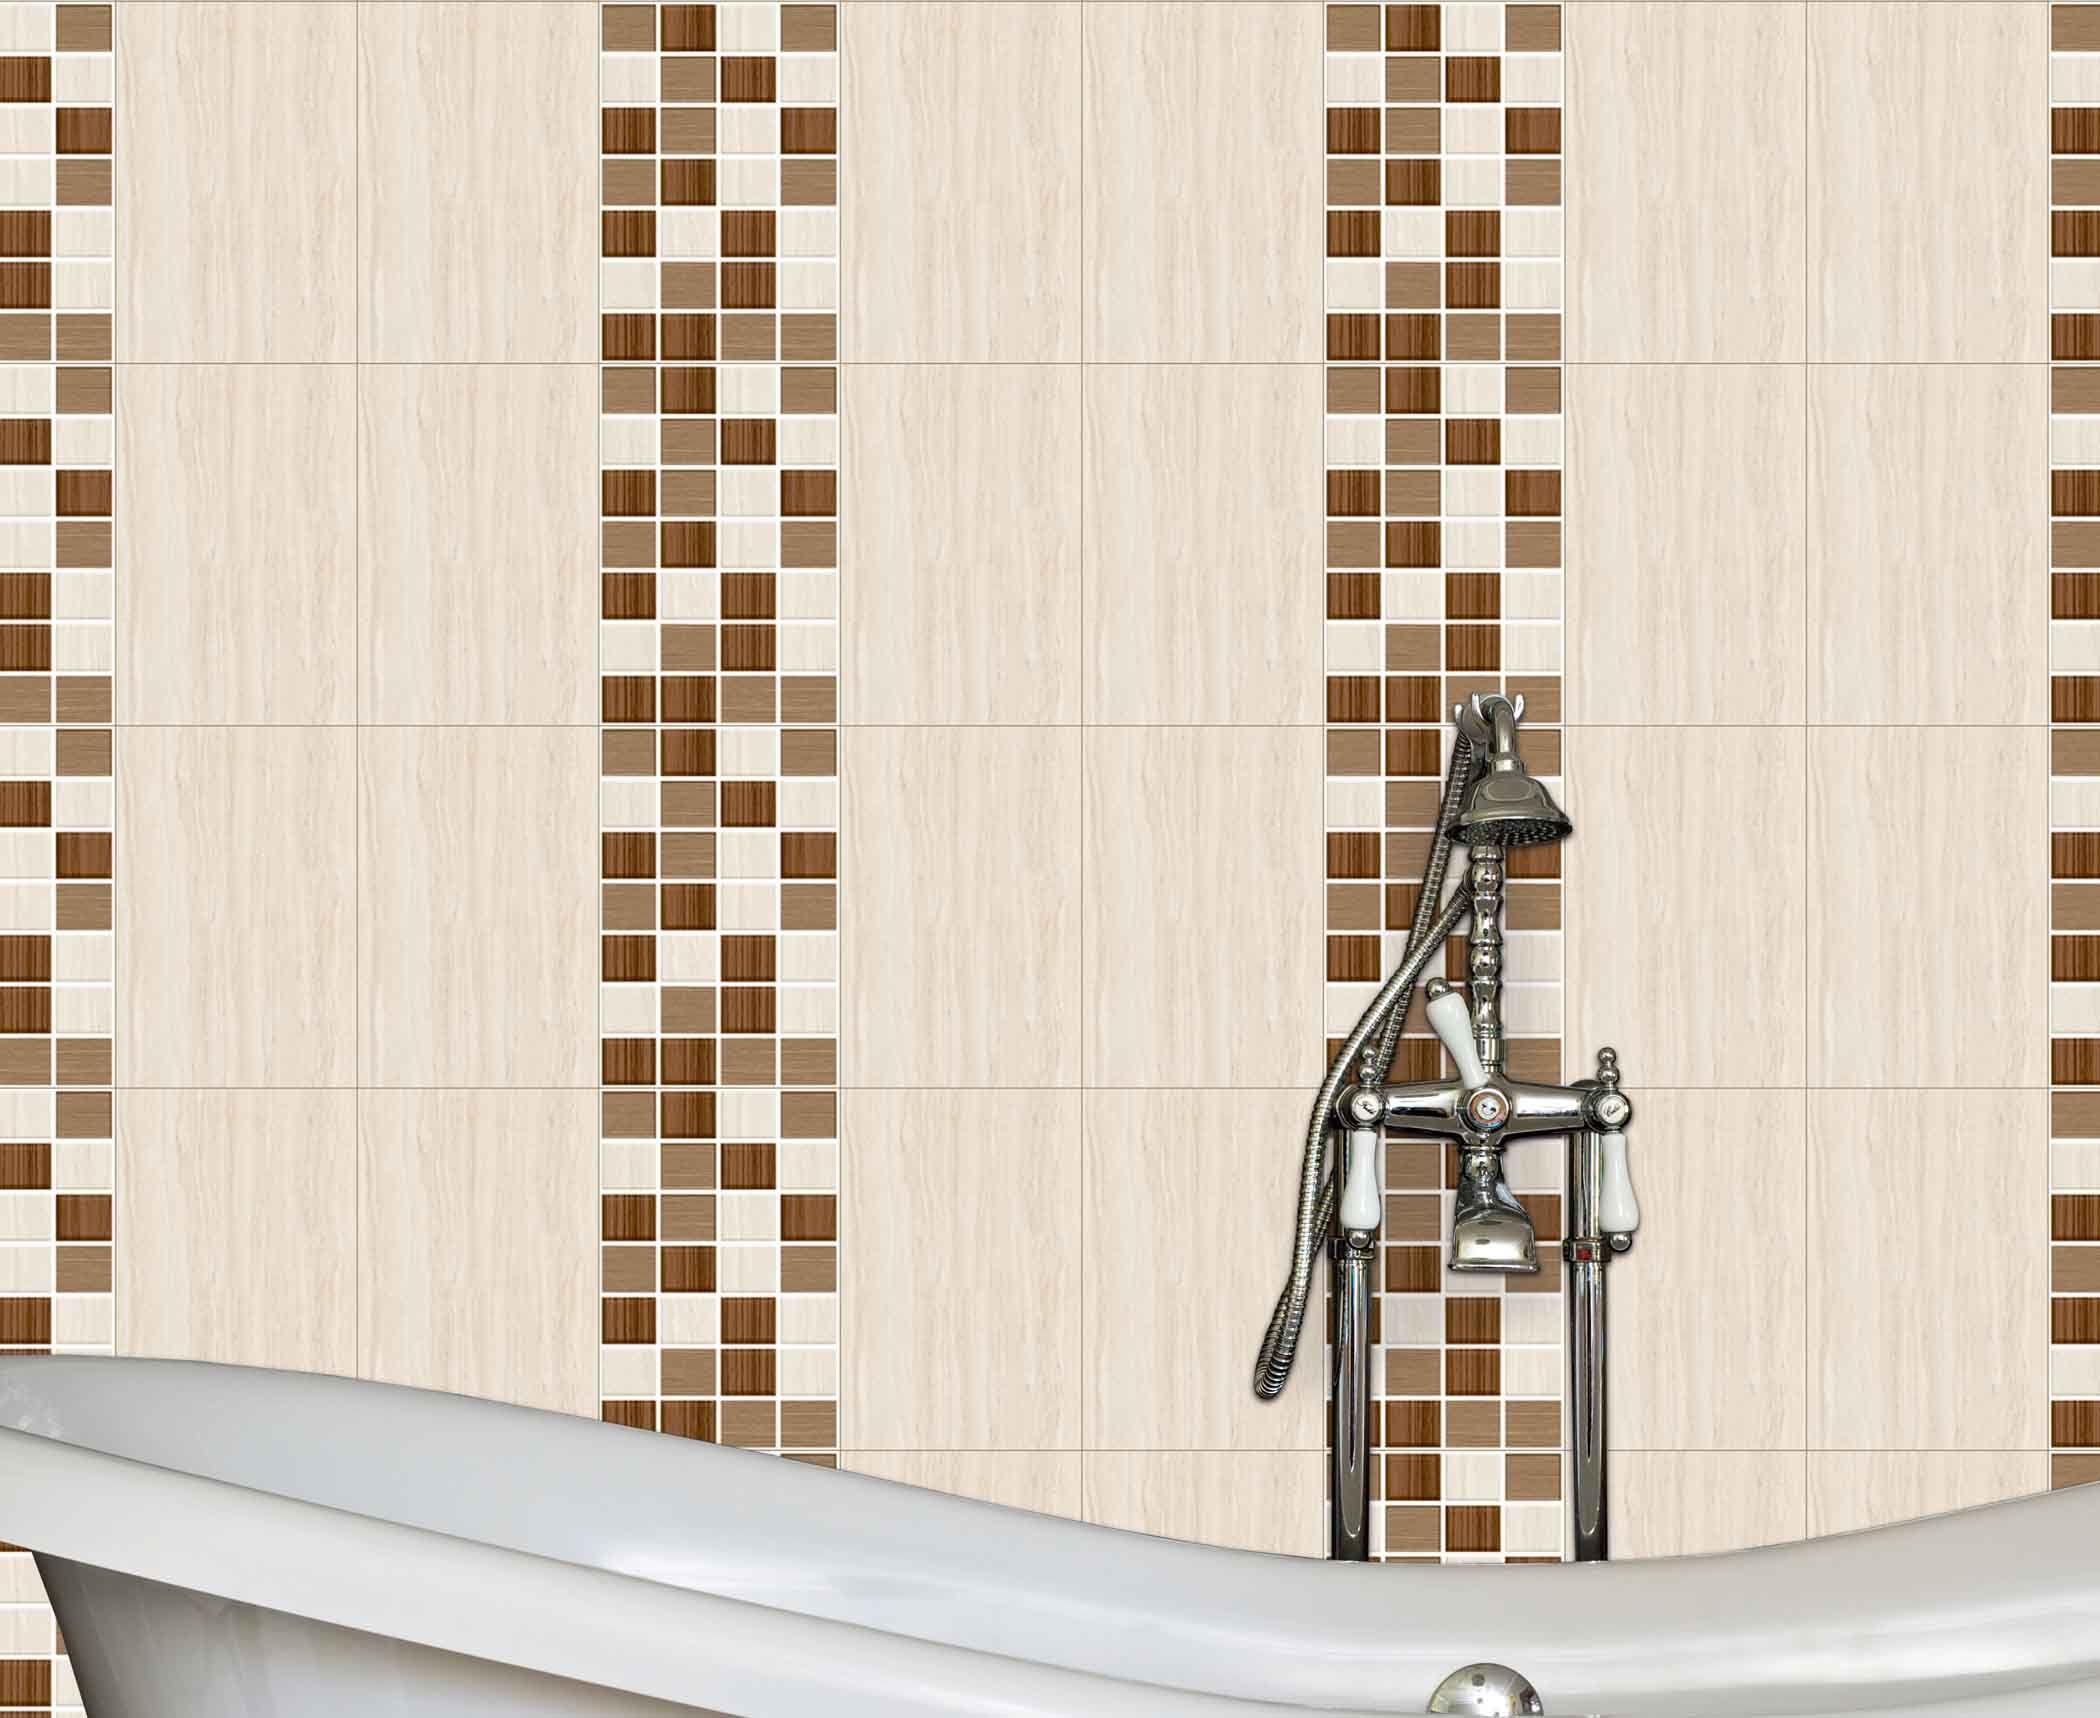 Johnson floor tiles catalogue gallery home flooring design orient ceramic tiles httporientbellceramic tilesp orient ceramic tiles httporientbellceramic marialoaizafo gallery doublecrazyfo Gallery